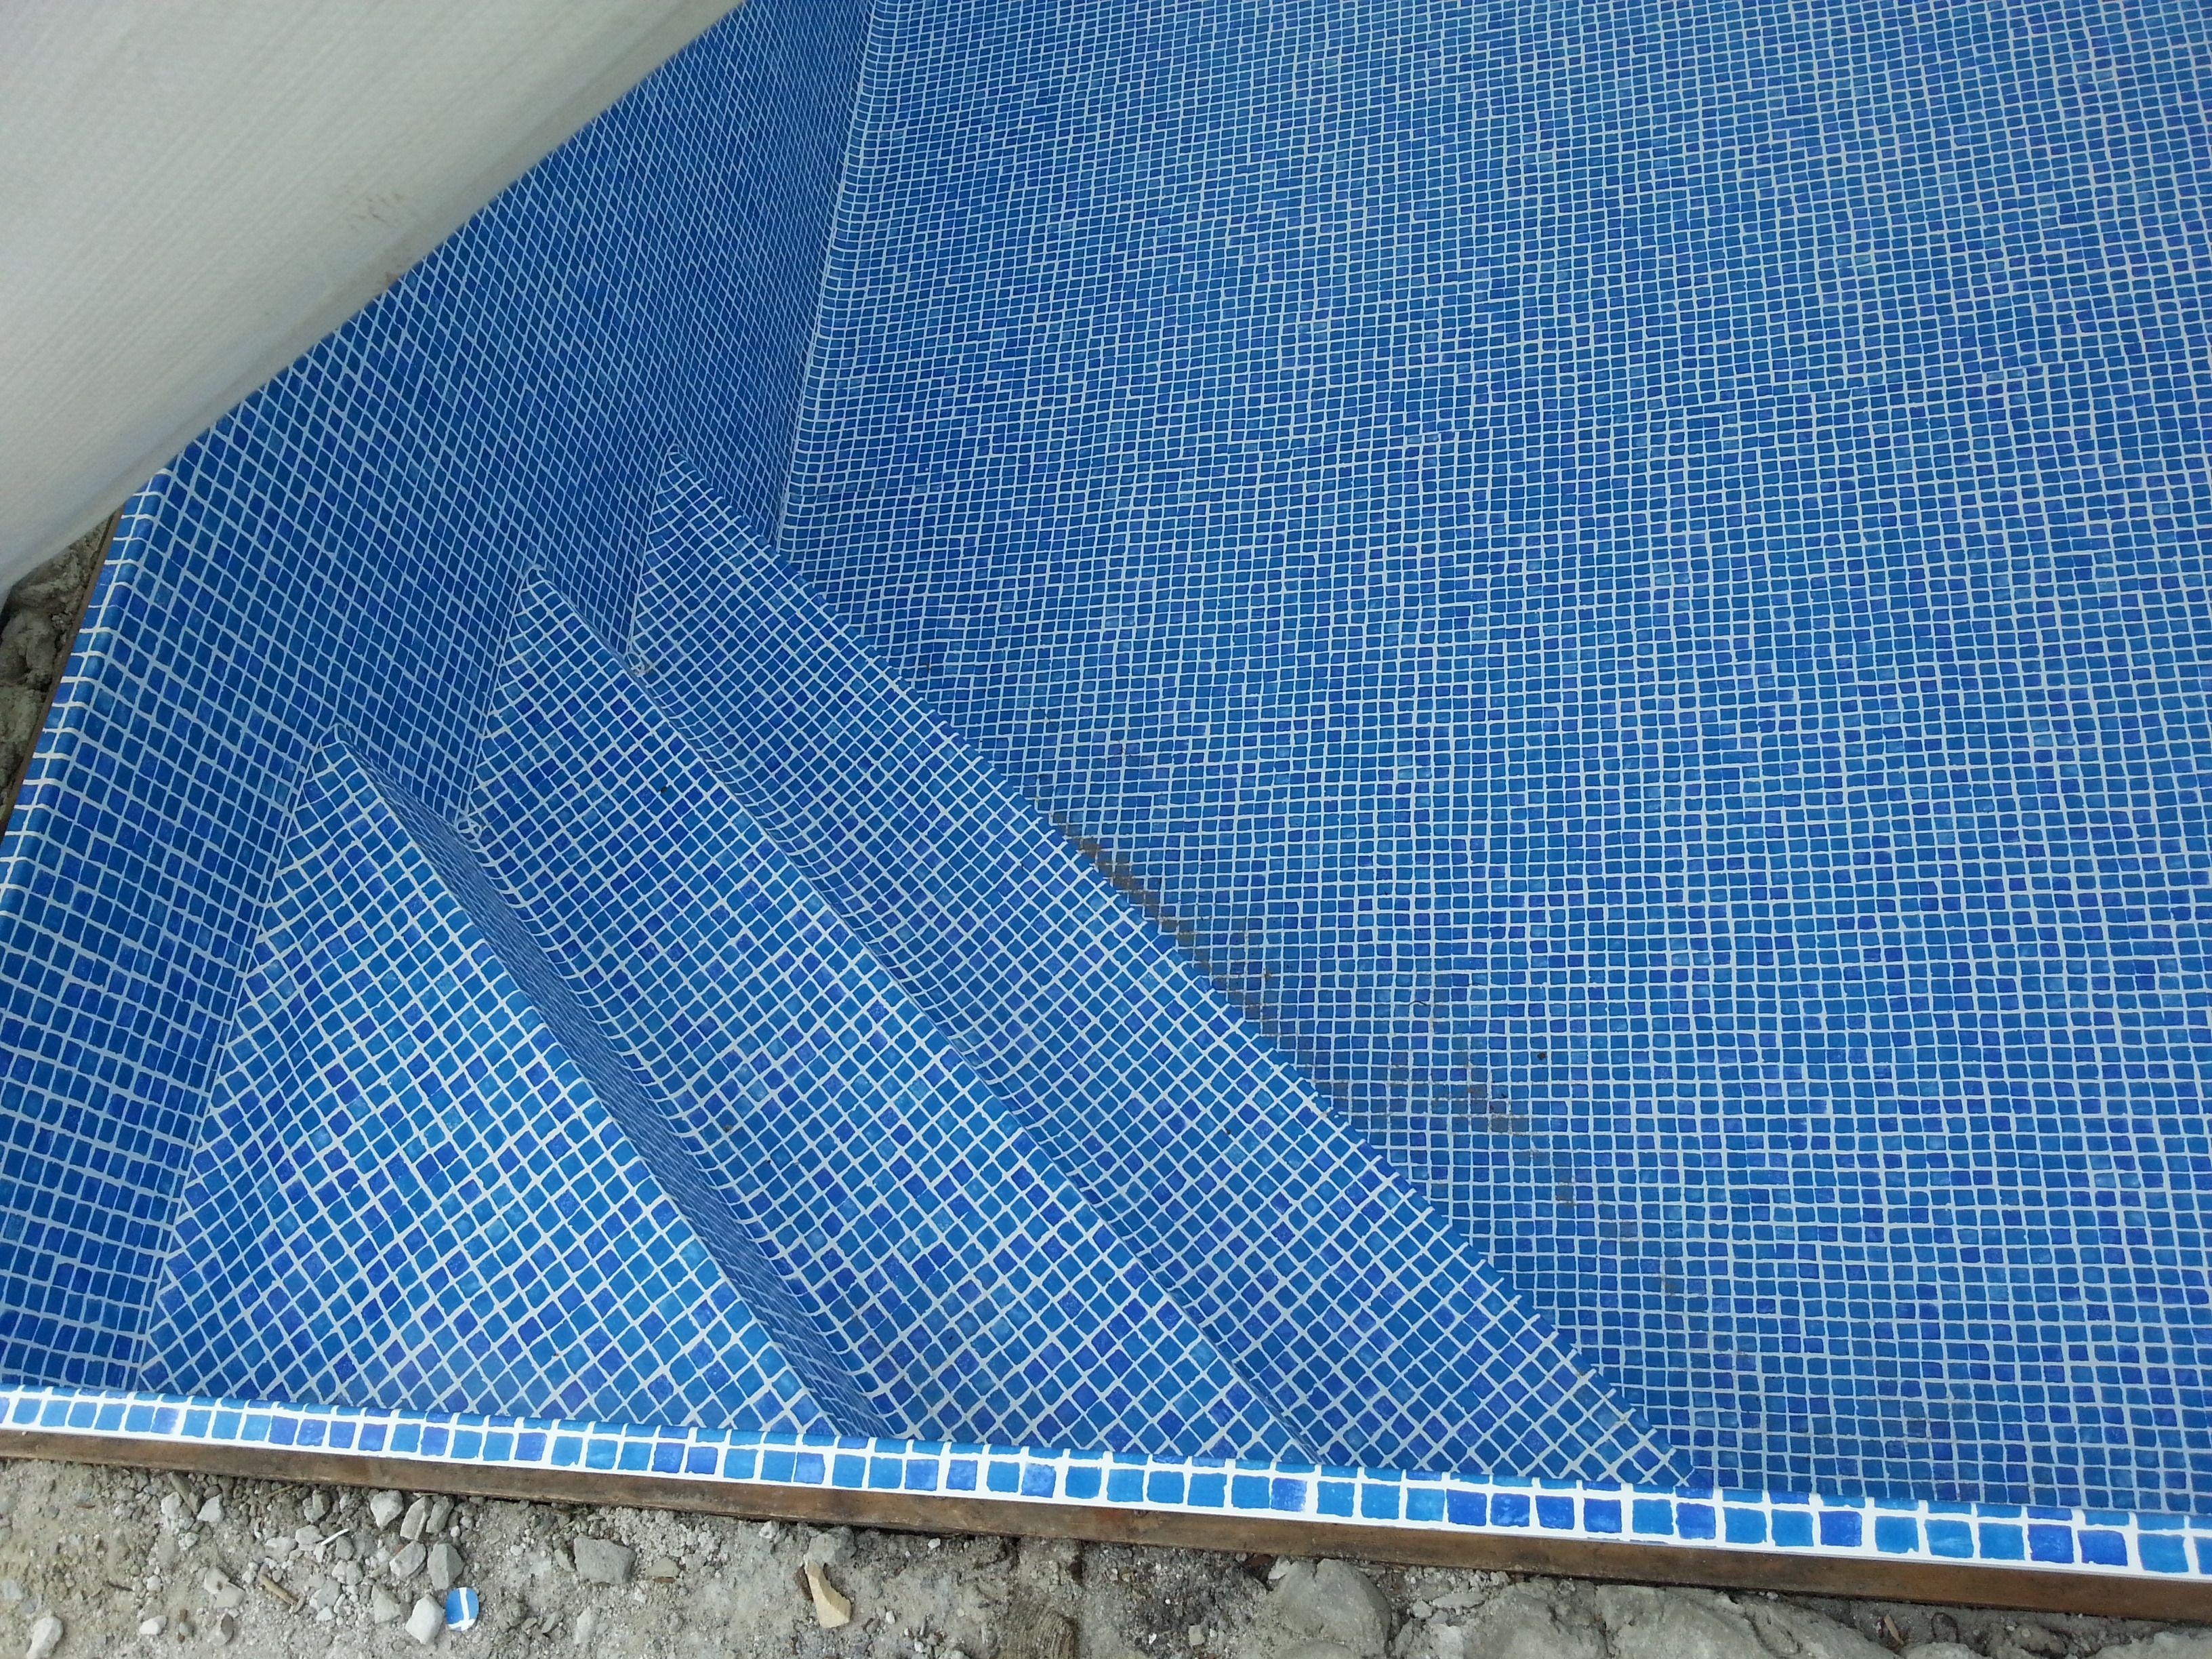 hoektrap ingepakt in alkorplan 3000 mosaic zwembaden jr